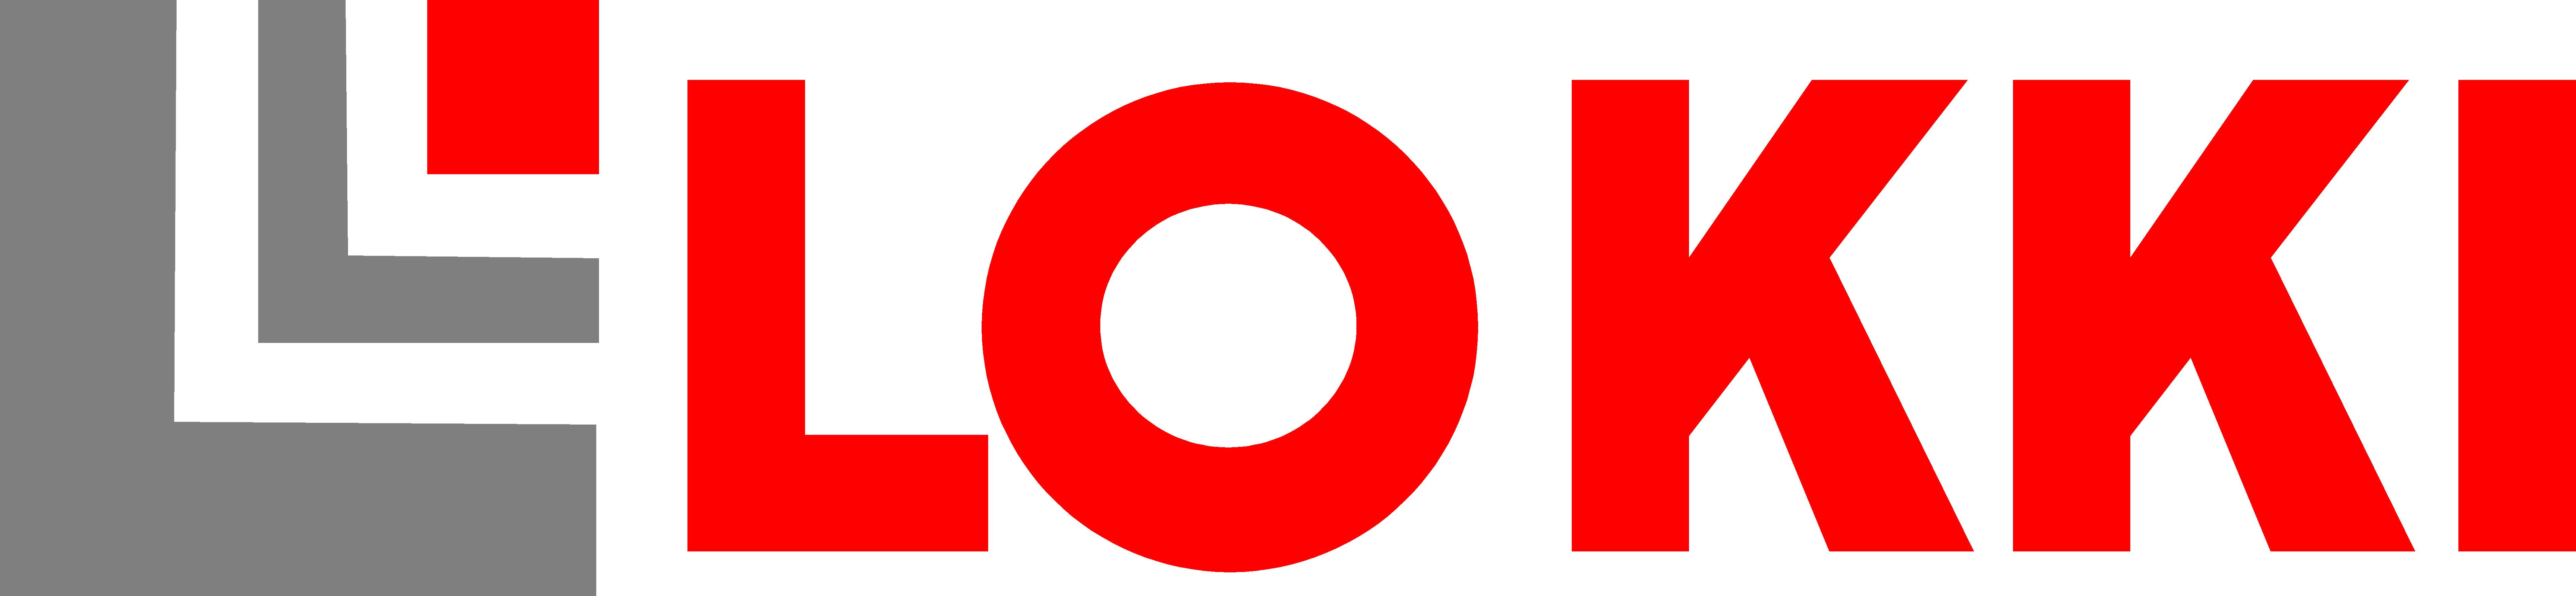 Lokki Henkilöstöpalvelut Oy logo